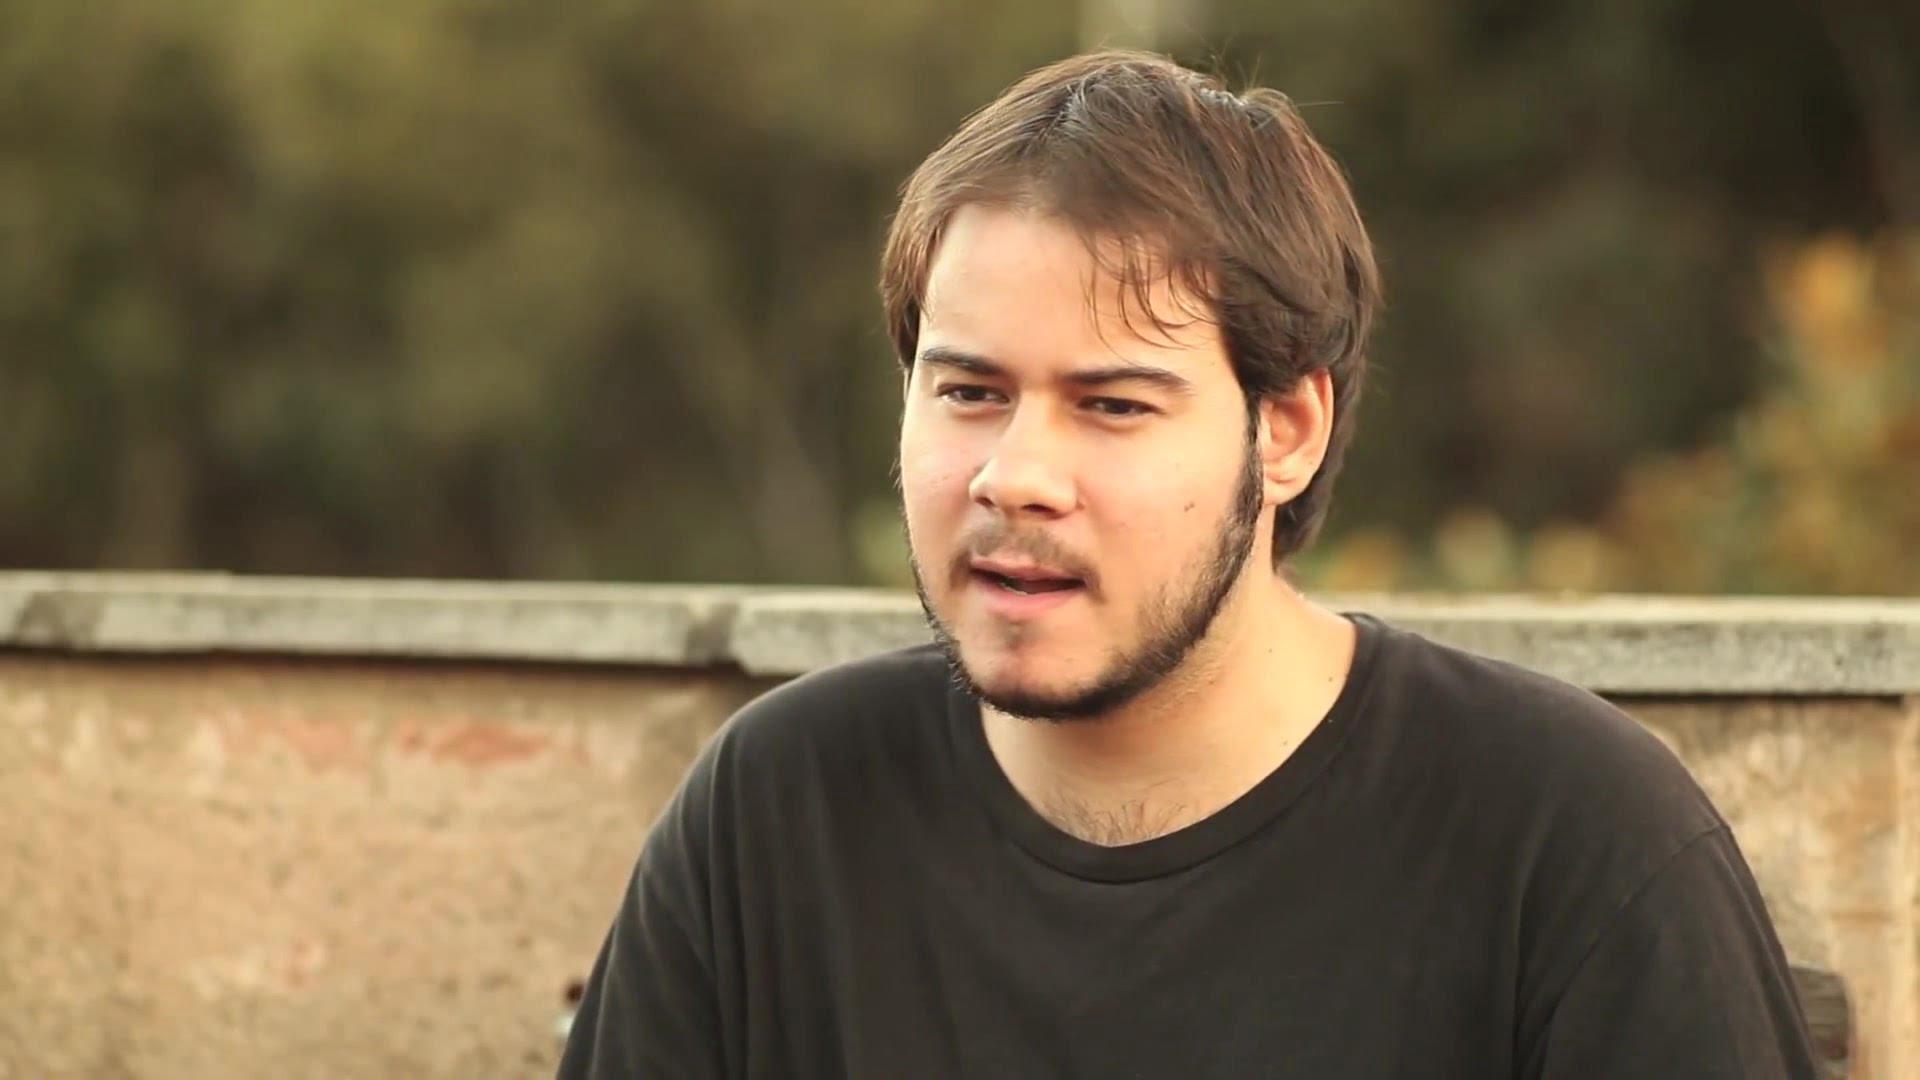 ¿Quién es Pablo Hasél?: El poeta y rapero que Serrat, Barden y Almodovar defienden